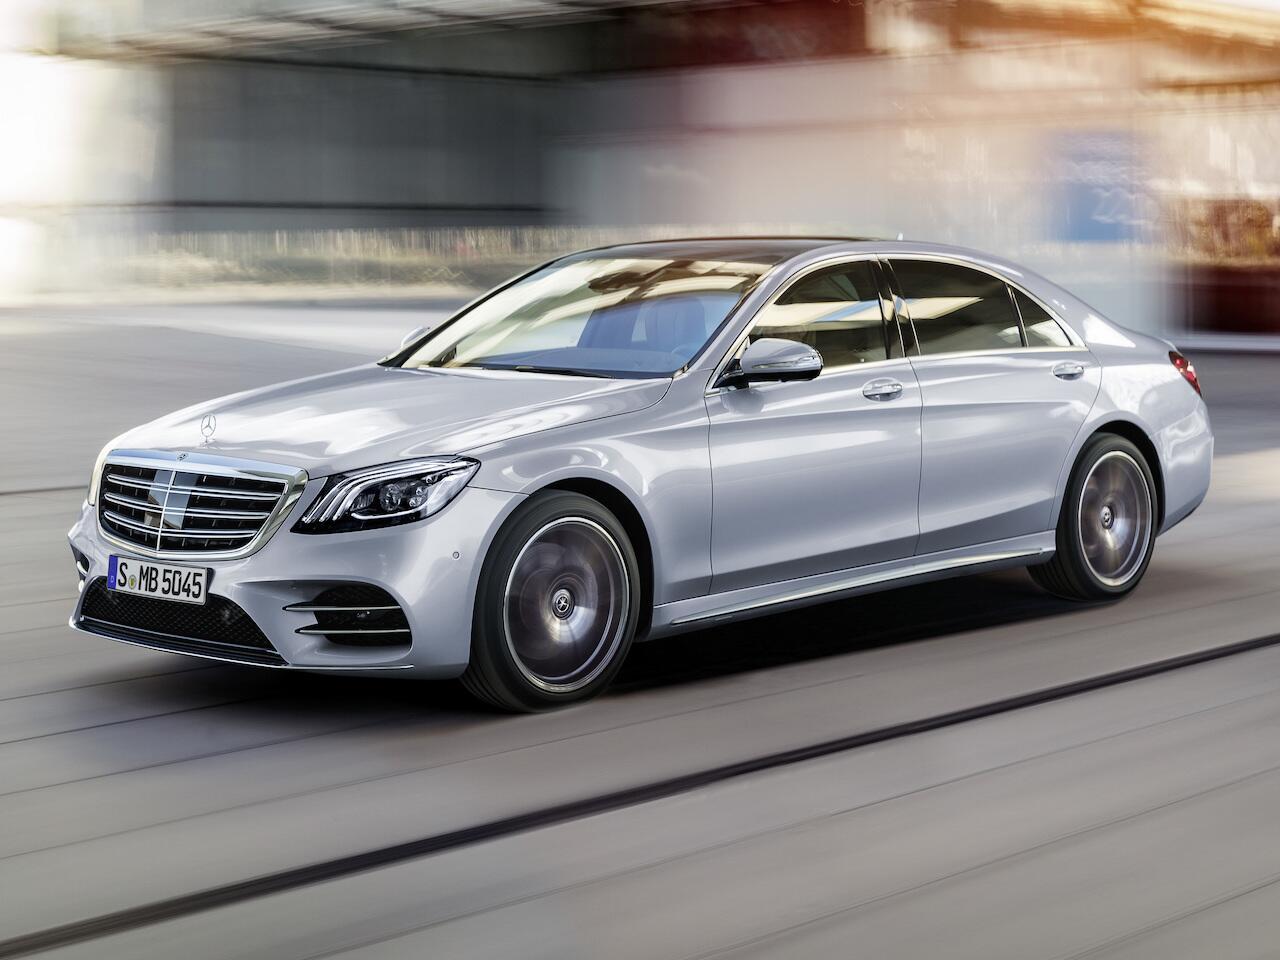 Bild zu Oberklasse: Mercedes-Benz S-Klasse